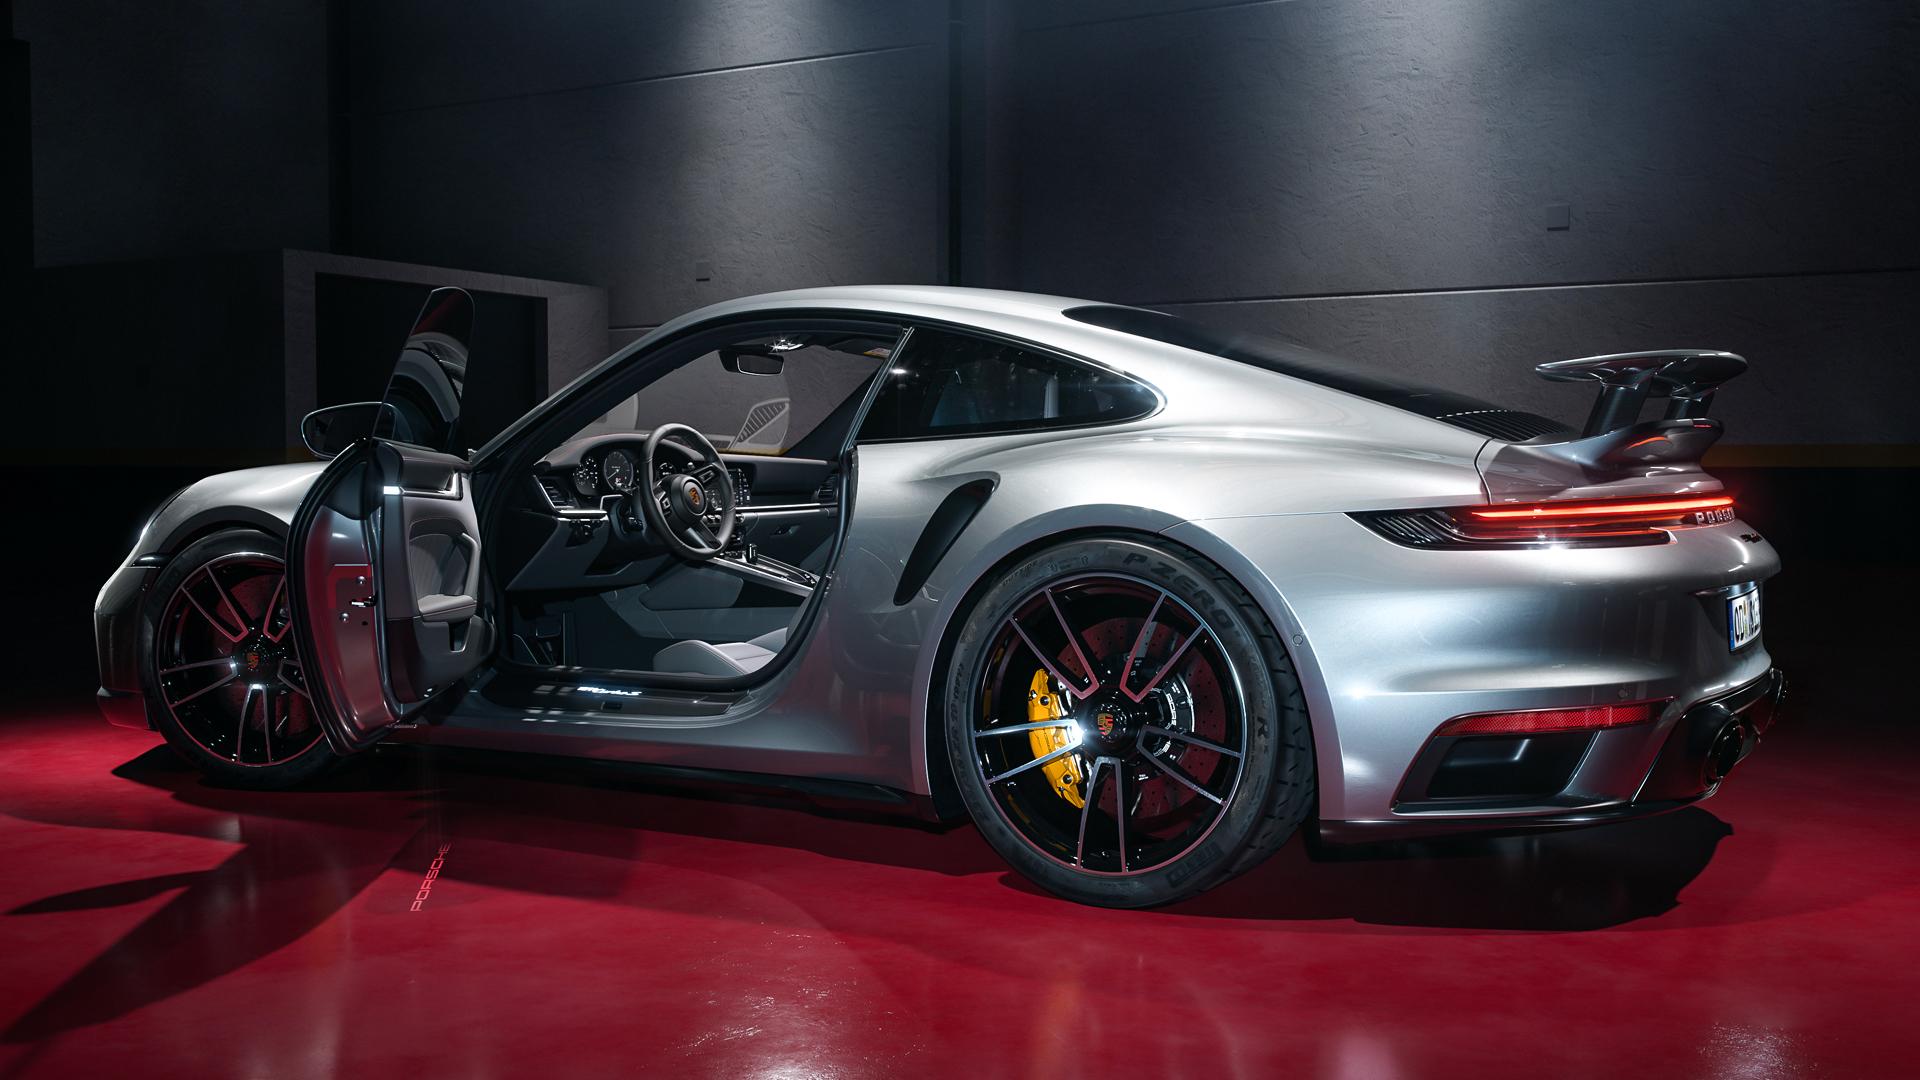 Porsche 911 Turbo S Full CGI